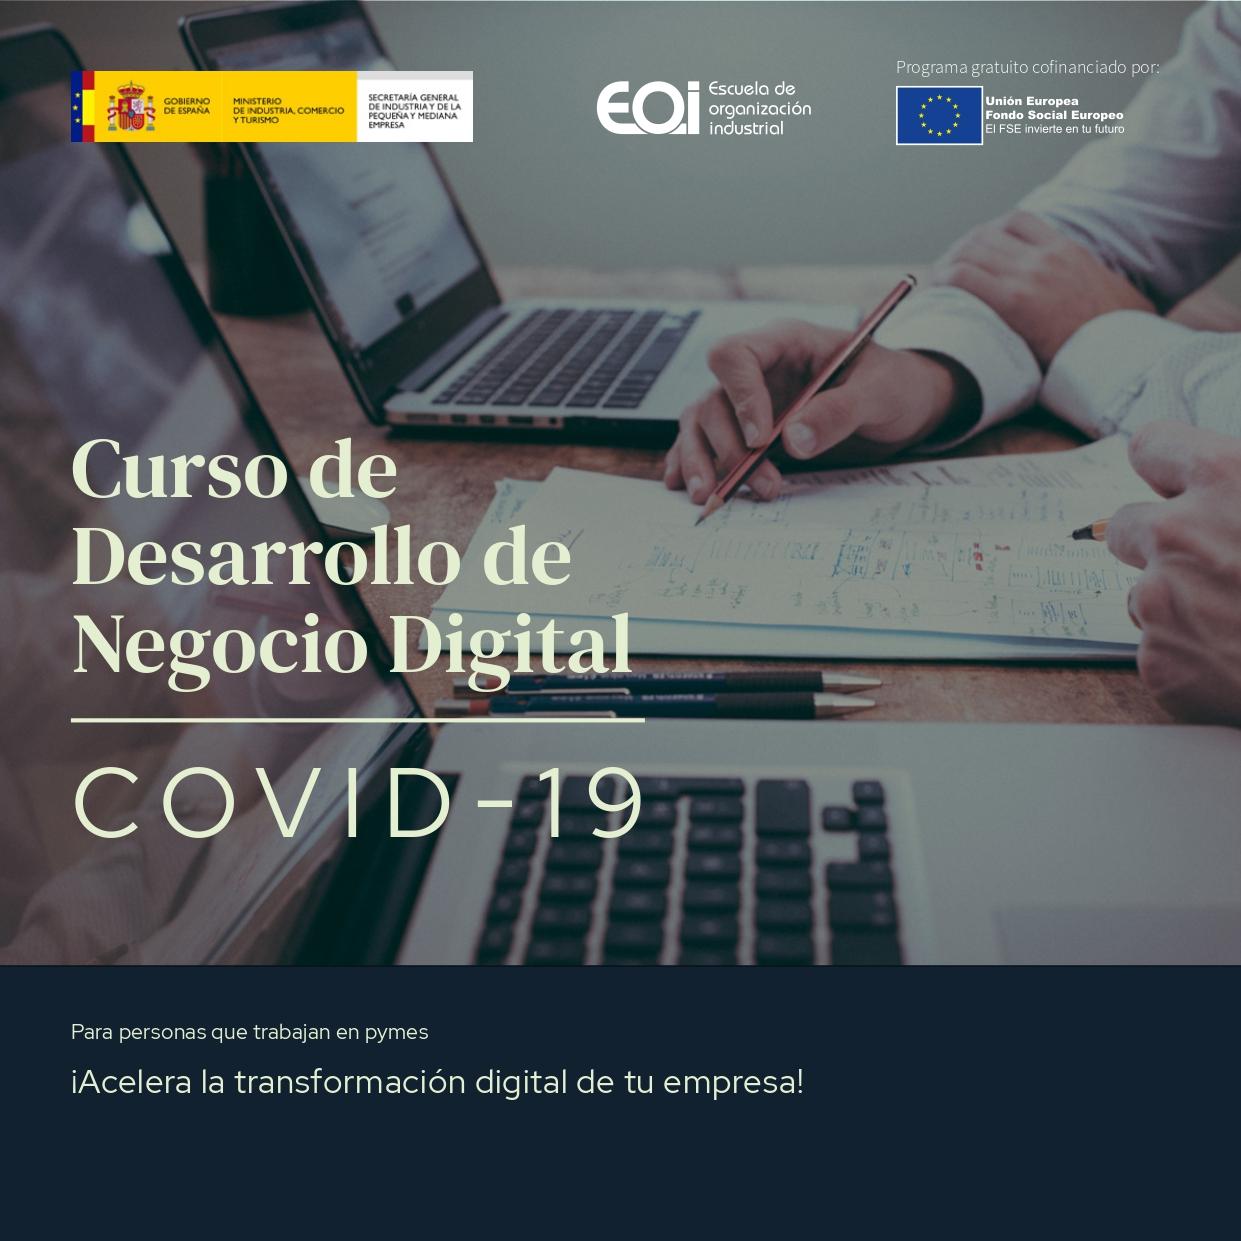 La Escuela de Organización Industrial ofrece tres cursos online especializados para las empresas y autónomos de Elda